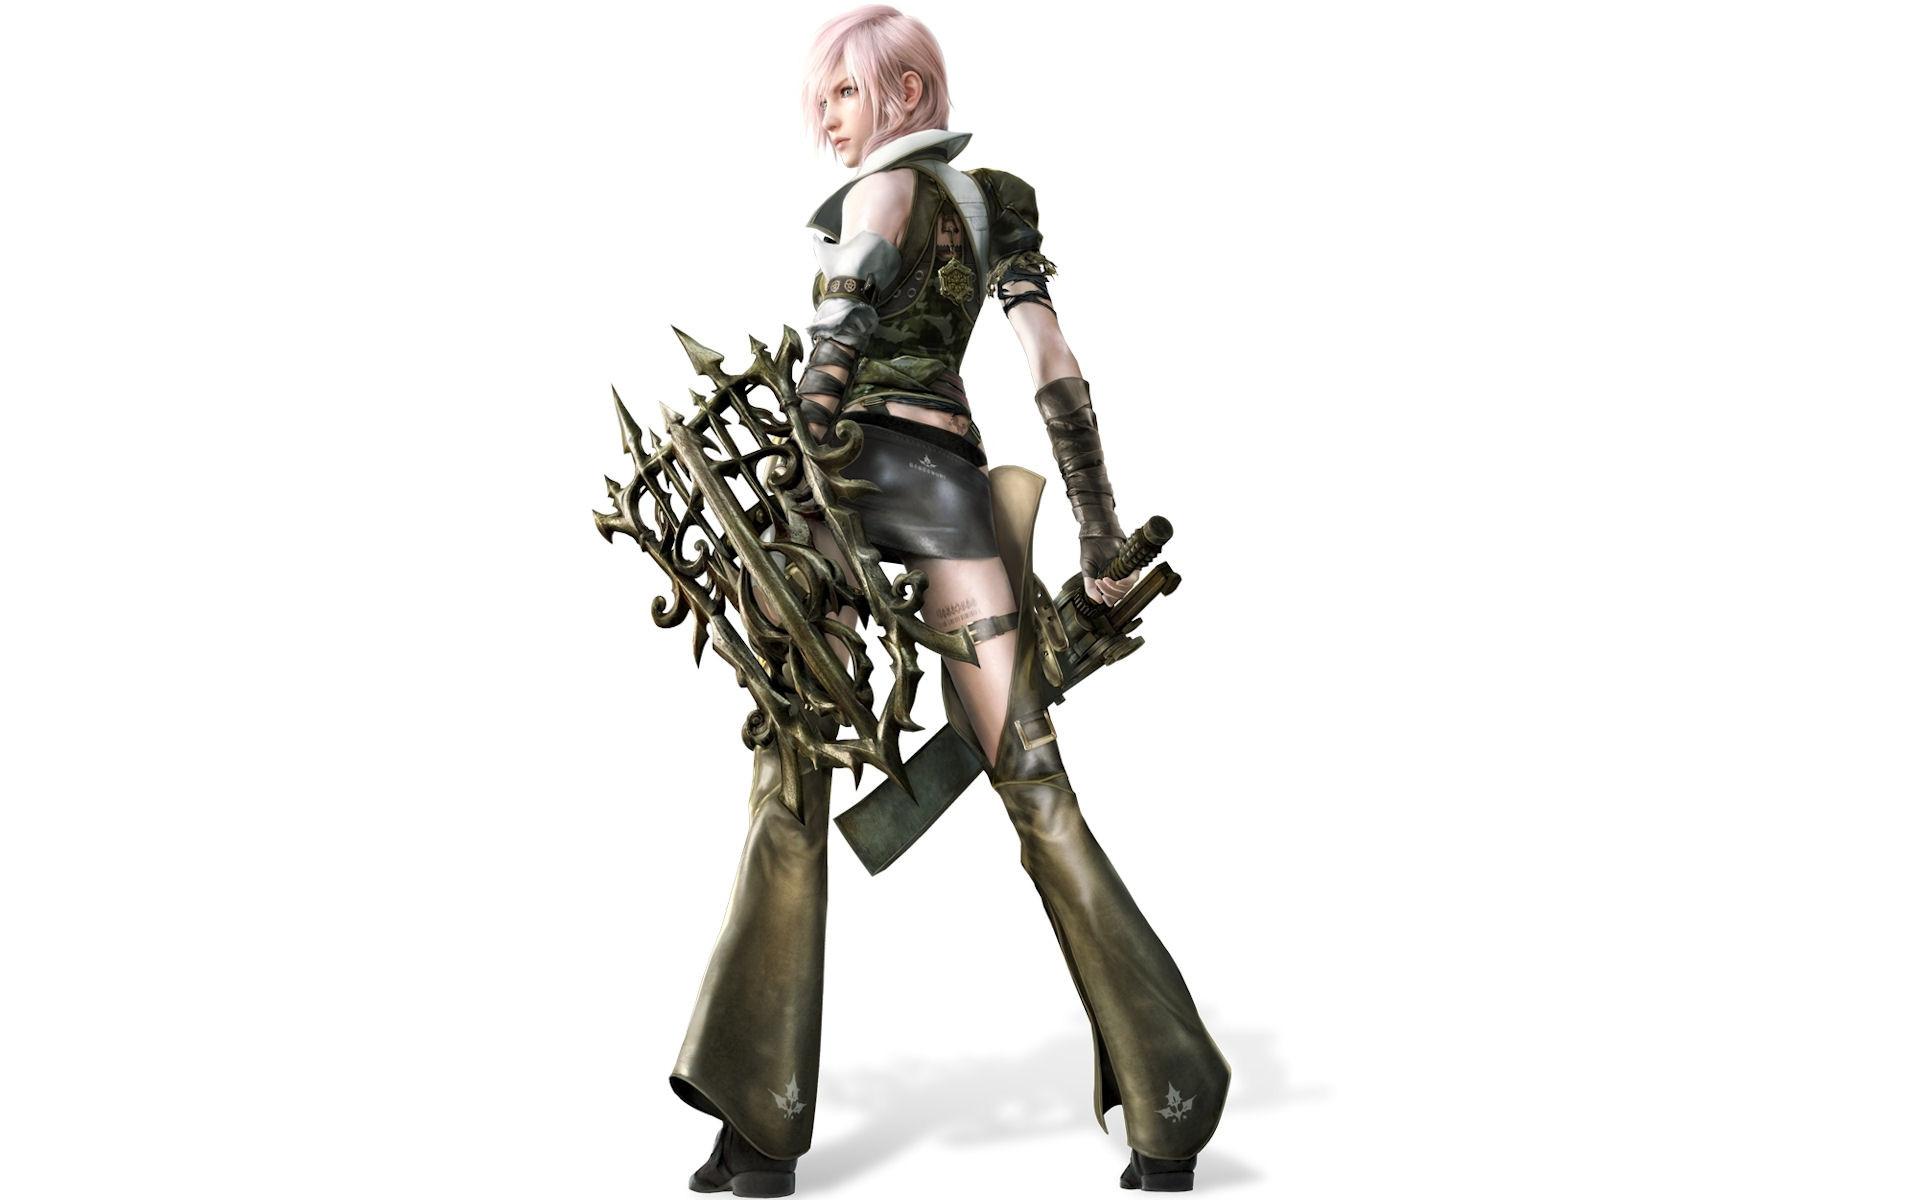 Lightning-Returns-Final-Fantasy-XIII-Dark-Muse-Wallpapers.